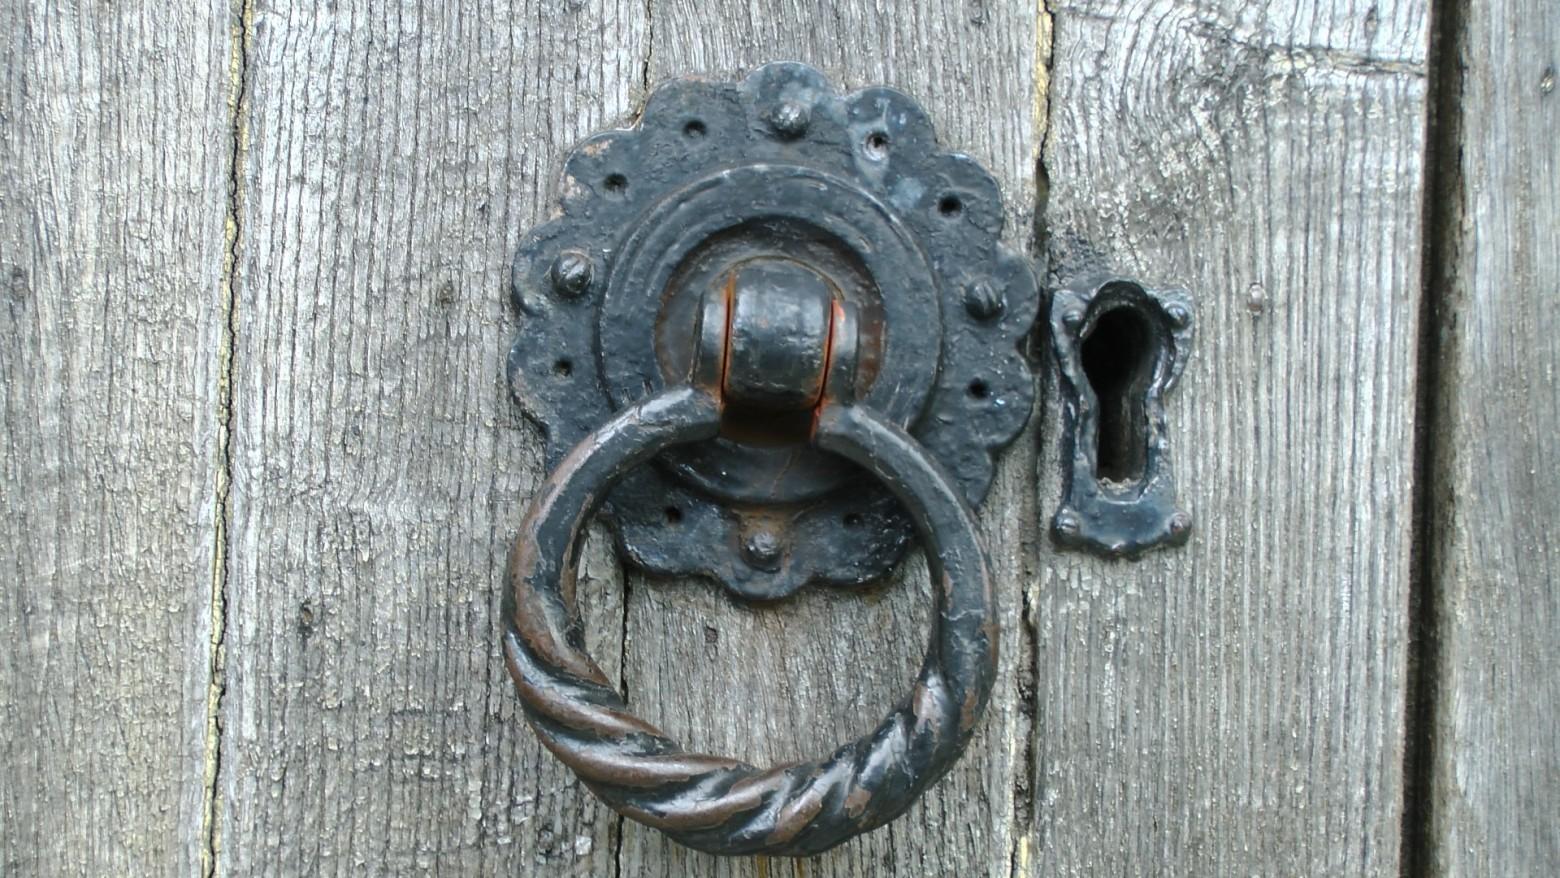 Poign e de porte en fer forg images gratuites et libres de droits for Poignee de porte forge